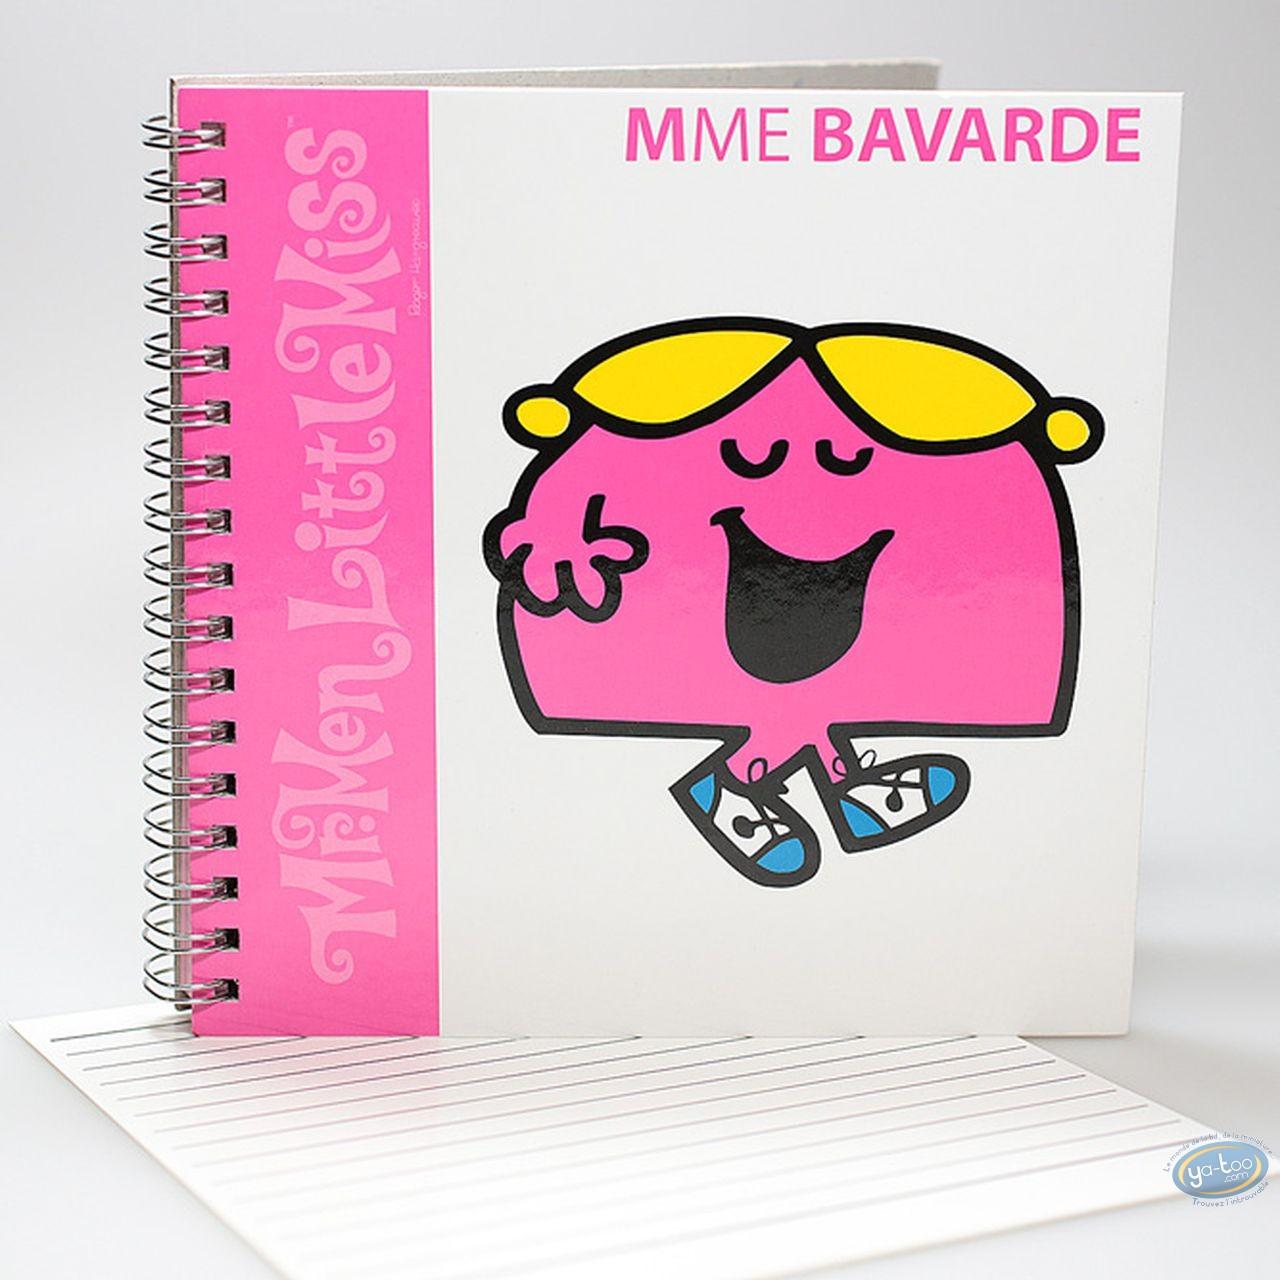 Carnet de notes, Monsieur et Madame : Carnet Spirales,  Mme Bavarde : Rose